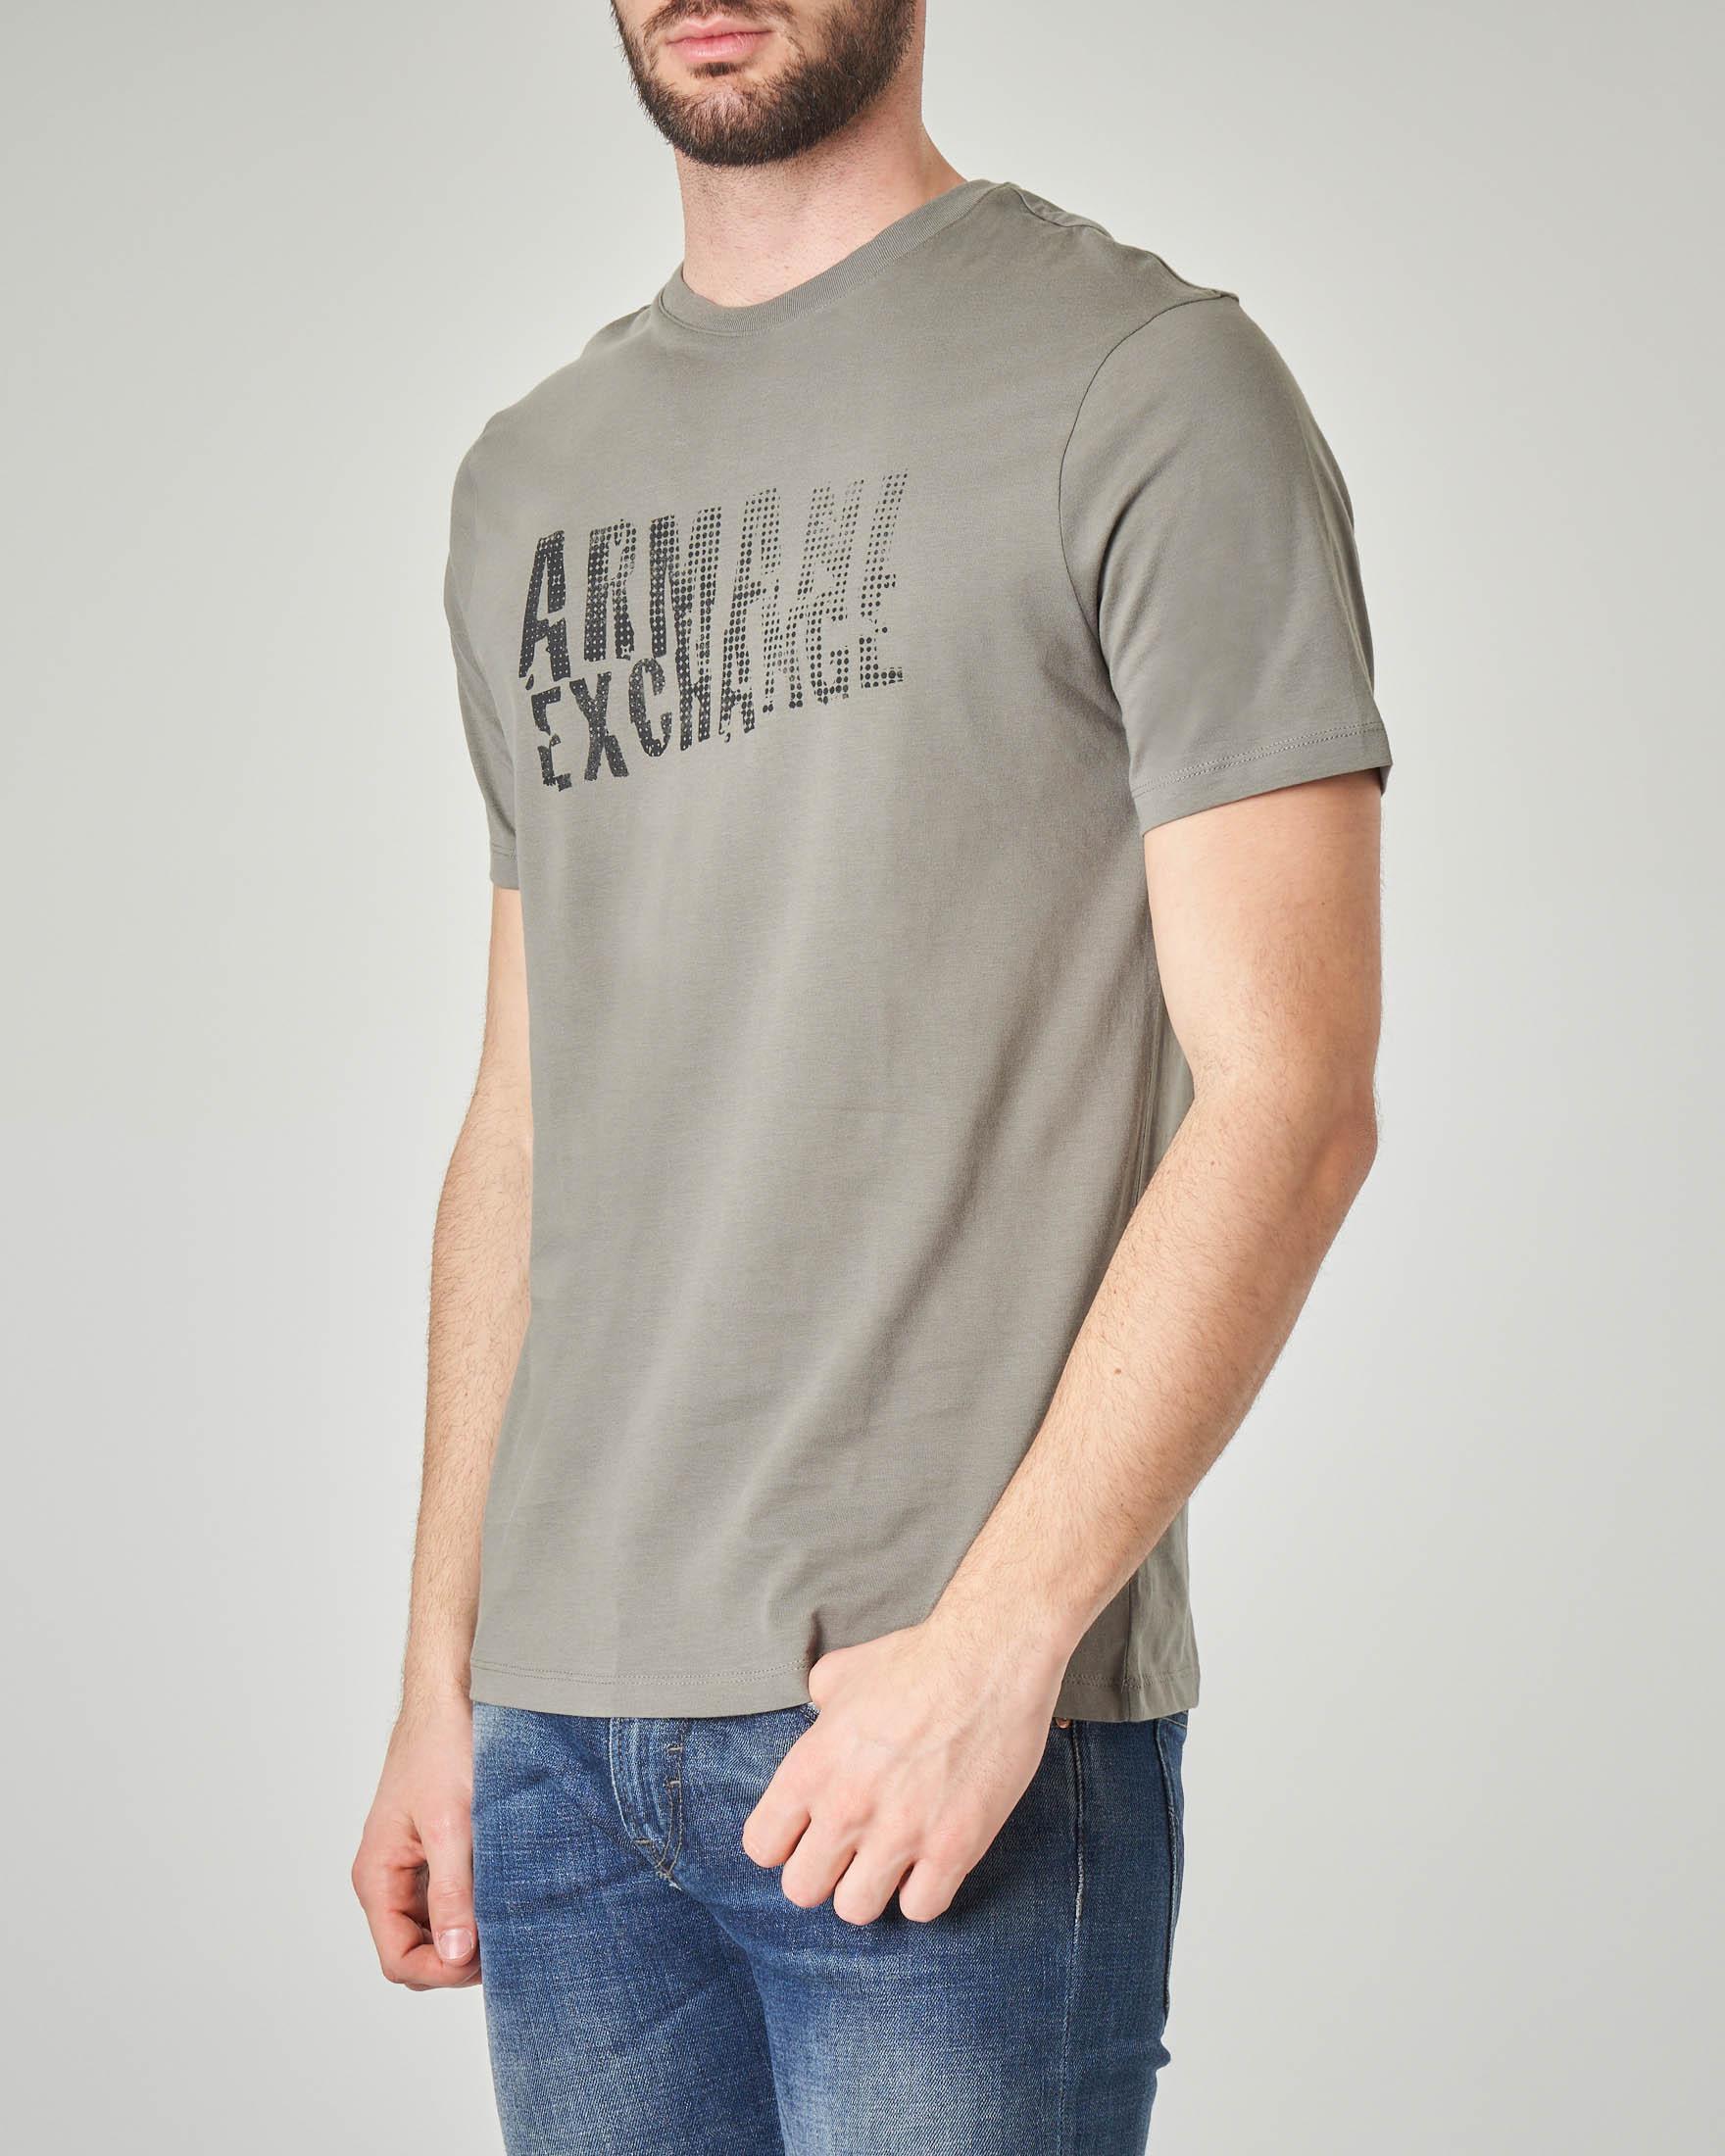 T-shirt verde militare con logo sul fronte e sul retro